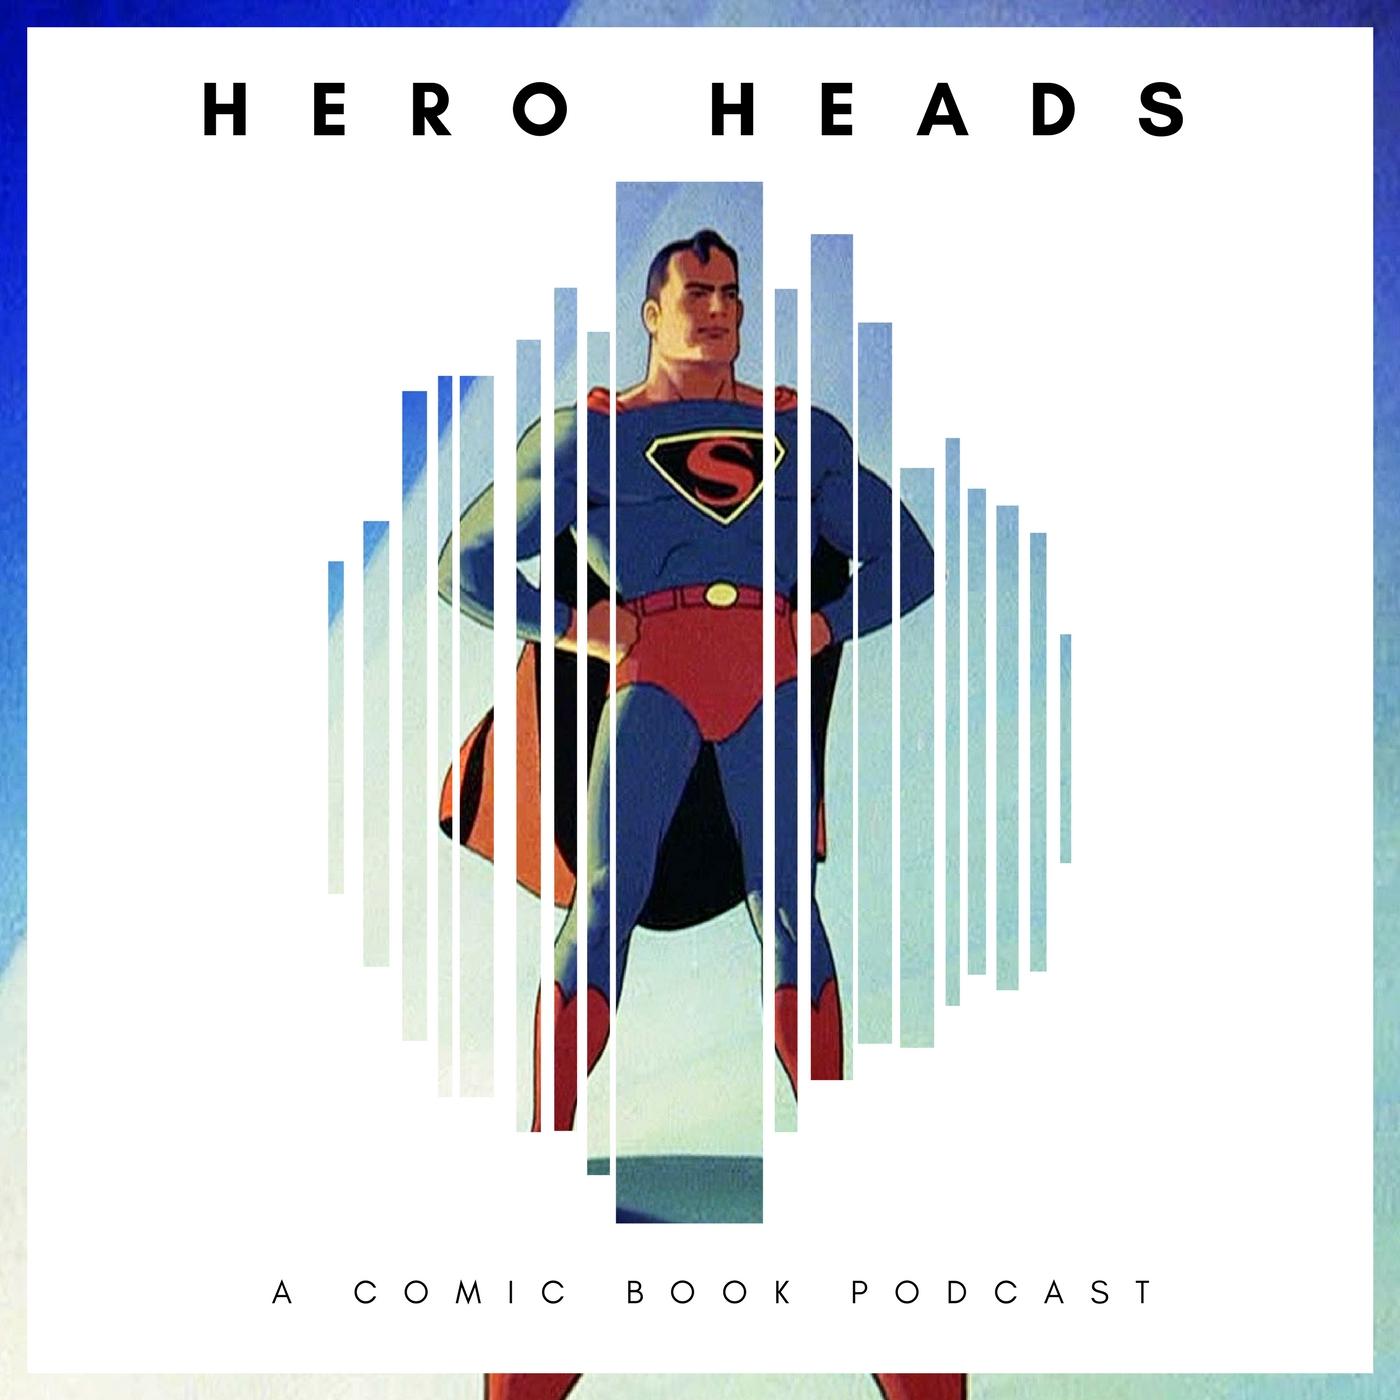 Hero Heads Forever